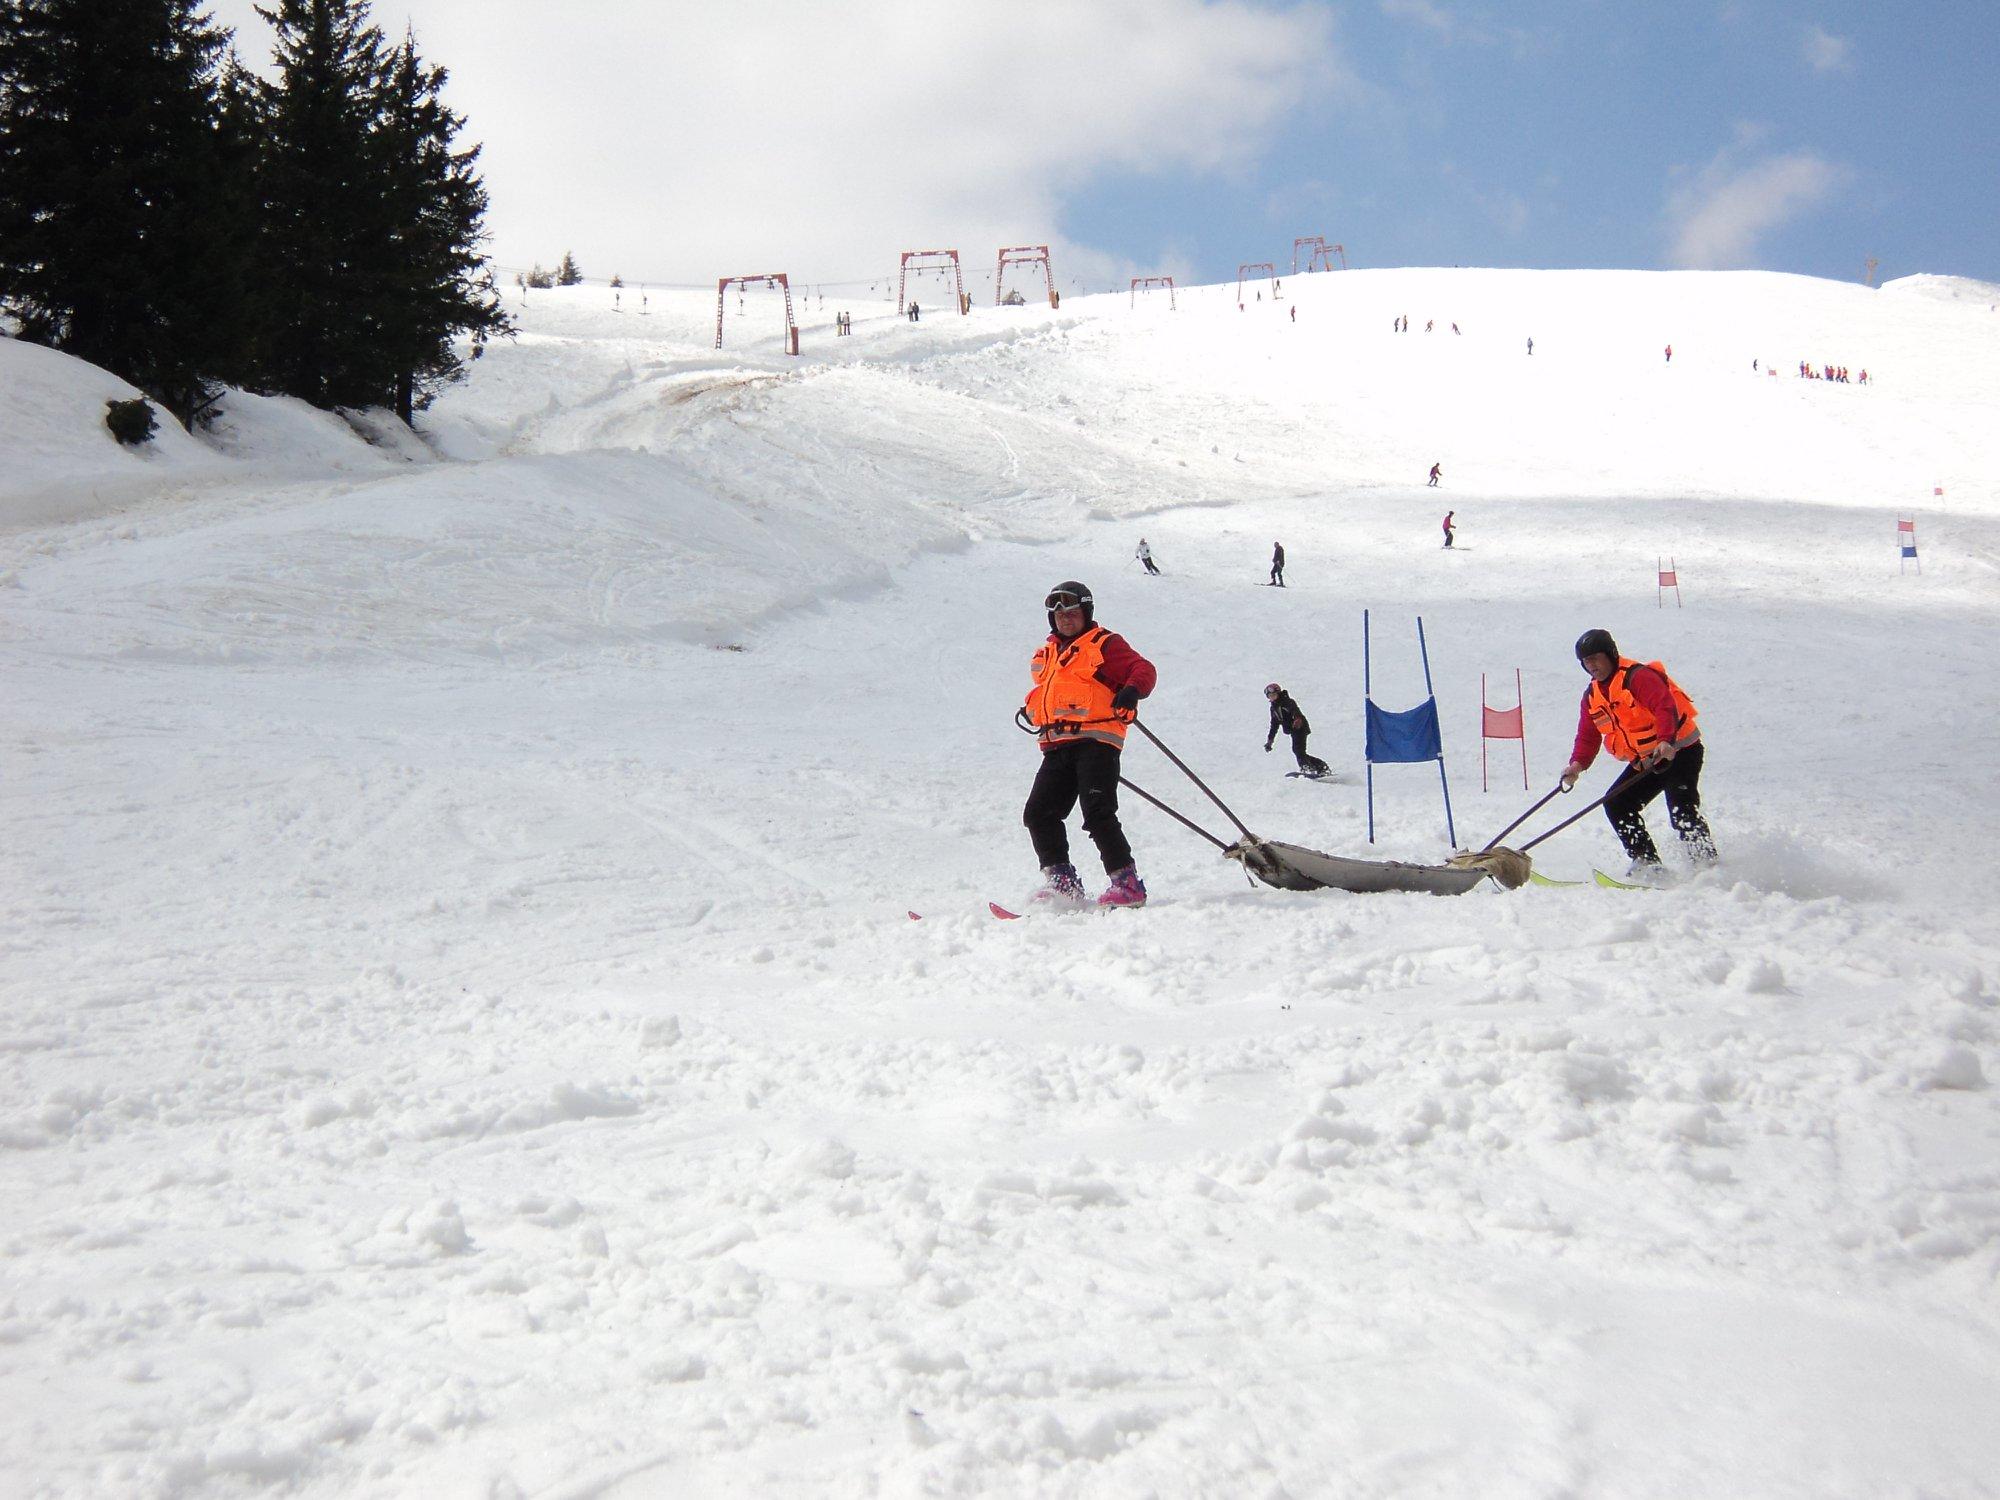 Трагический случай: житель Киева погиб, катаясь на сноуборде